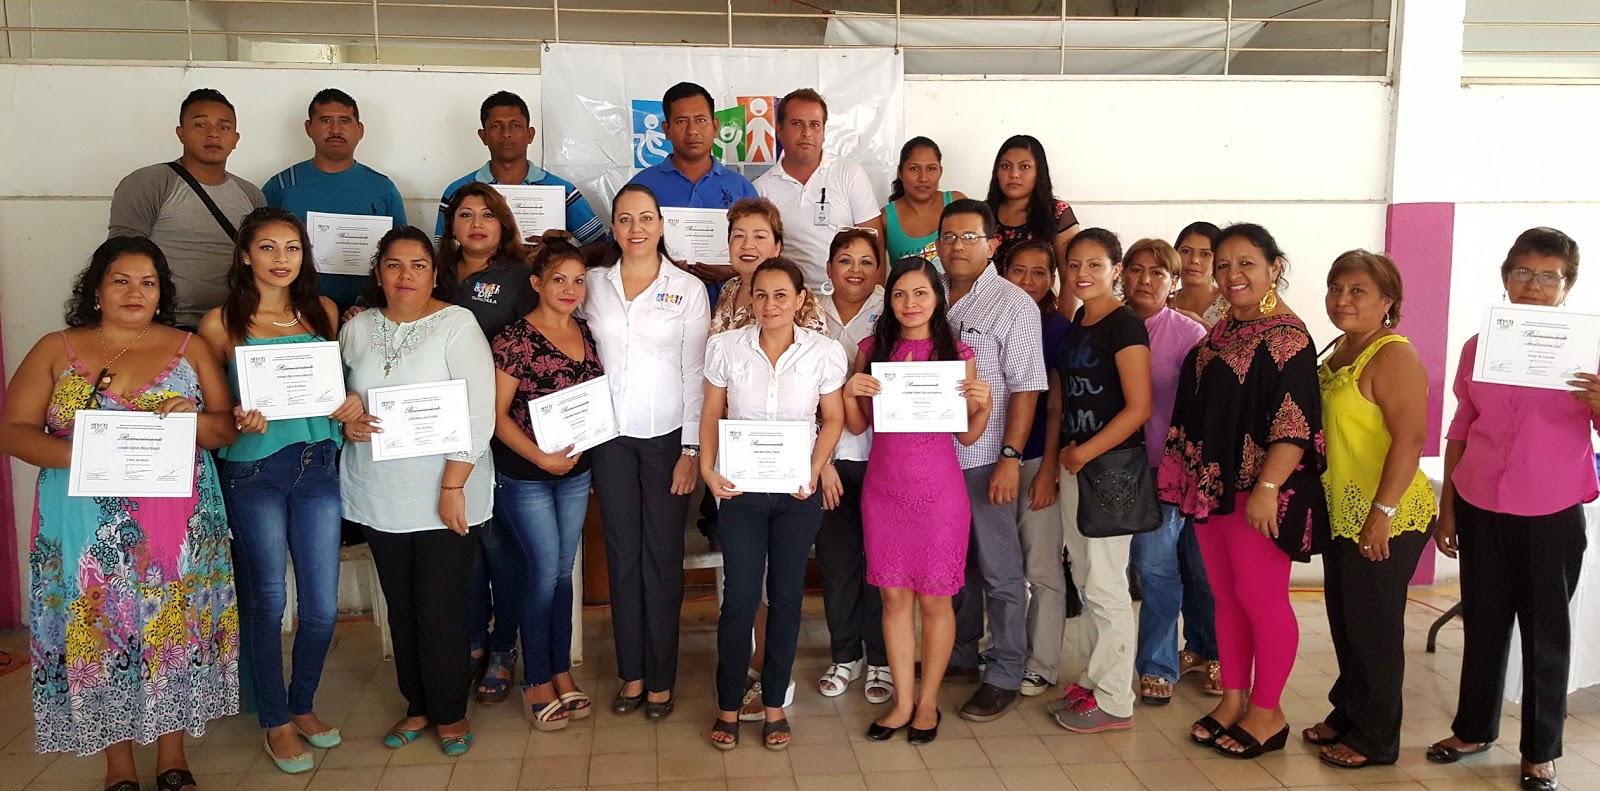 Talleres De Autoempleo Oportunidad Para Mujeres Tapachultecas